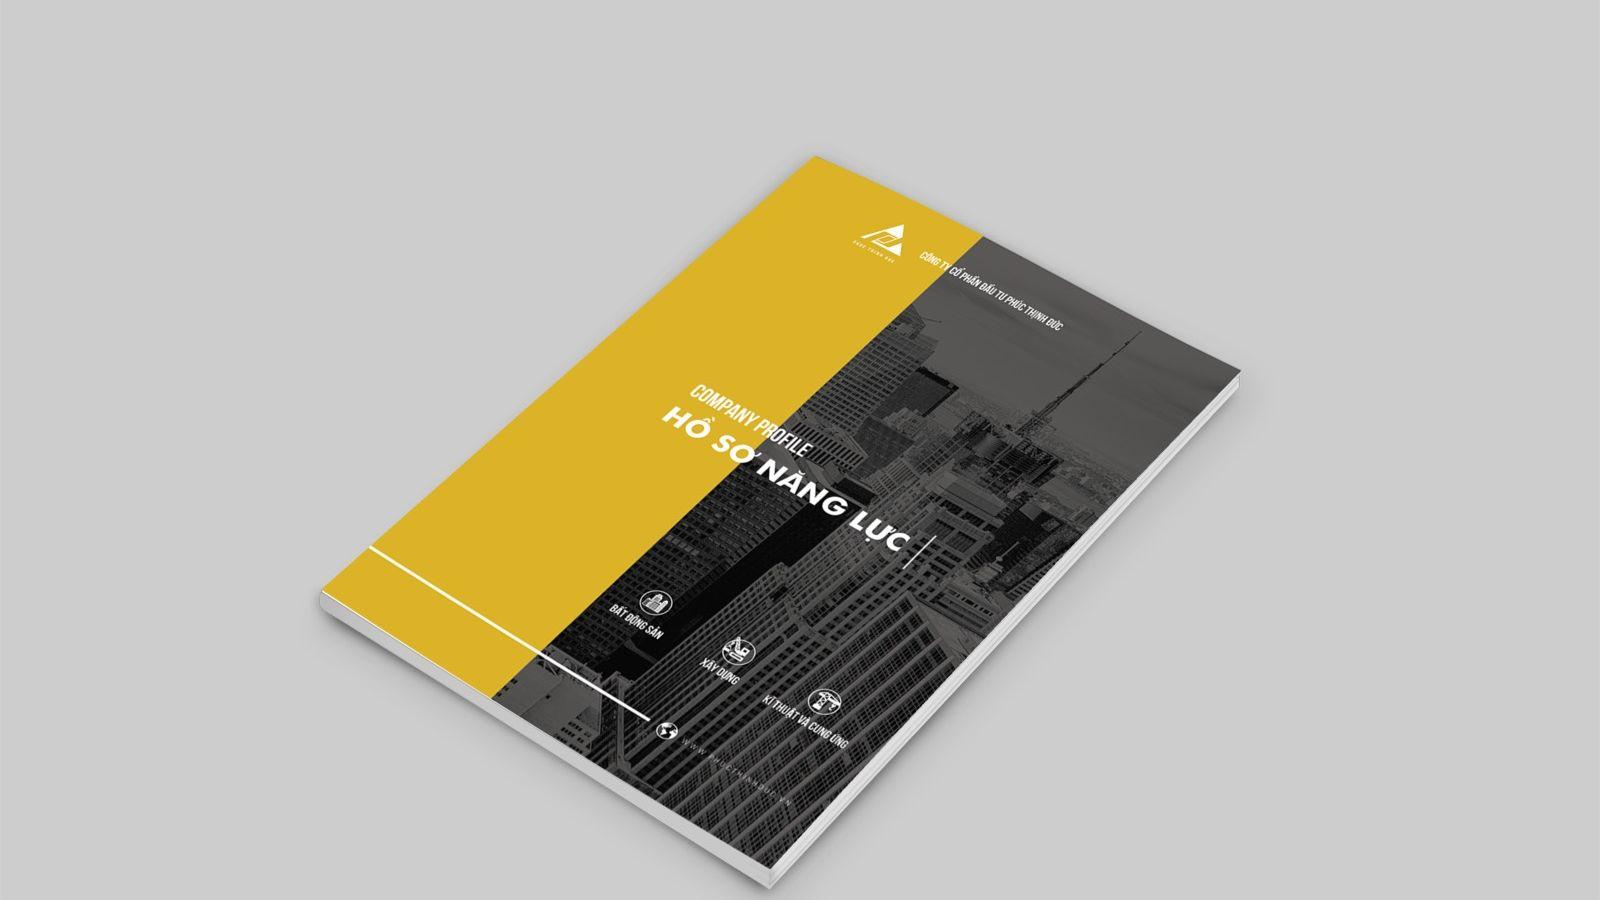 Thiết kế Profile công ty xây dựng Phúc Thịnh Đức